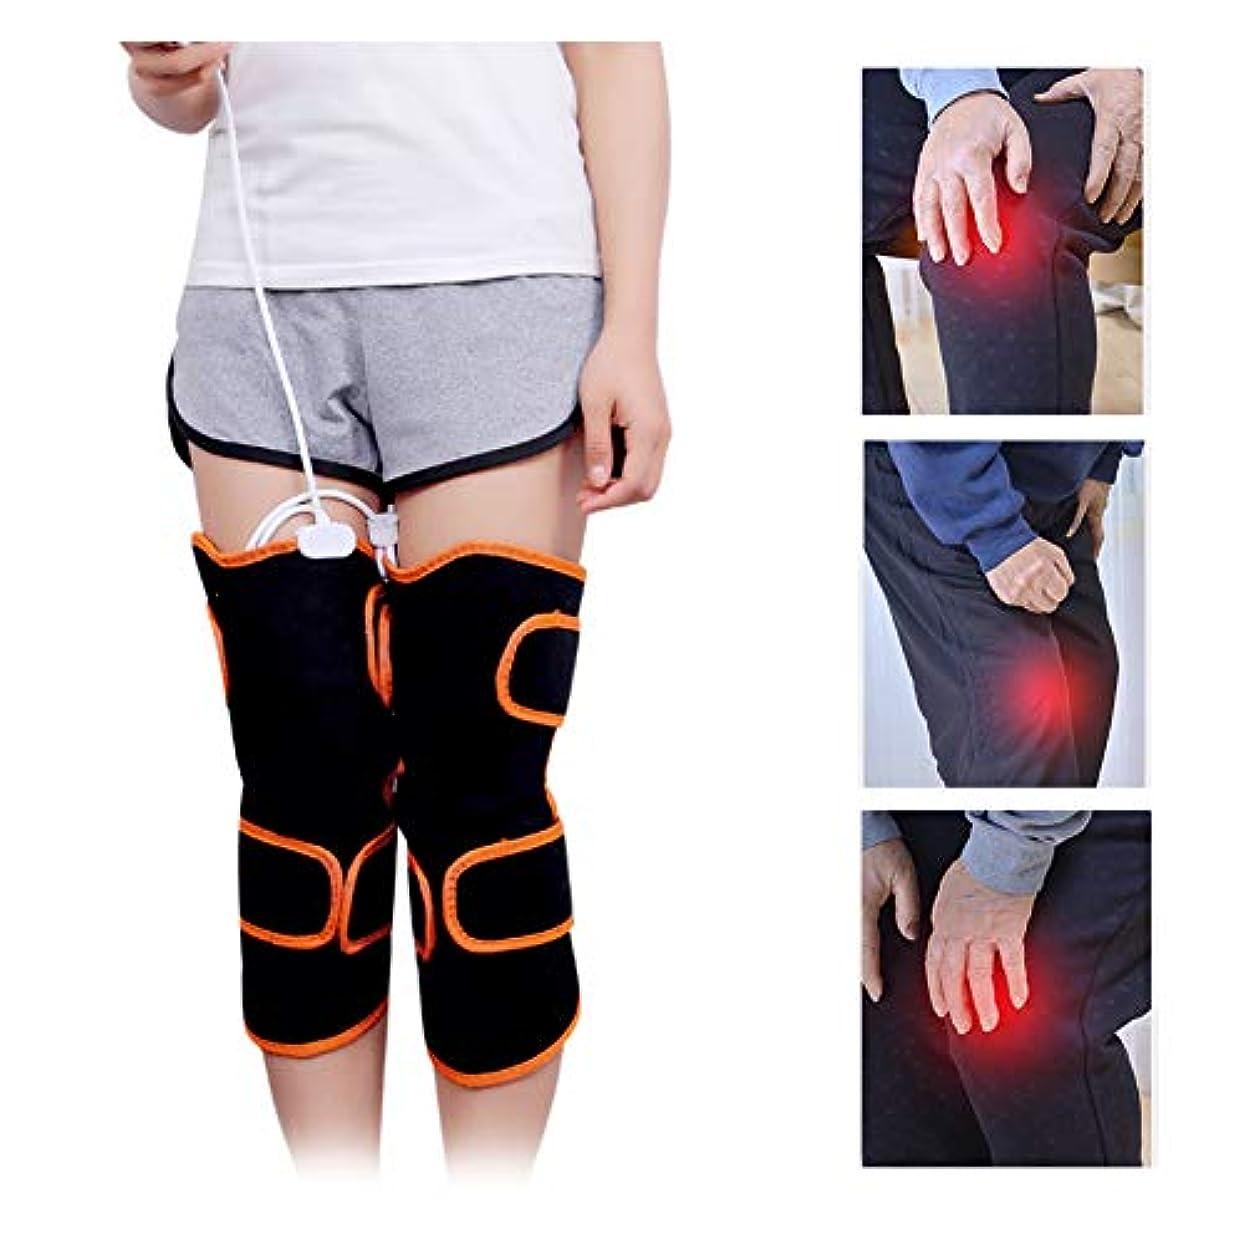 神経衰弱生活思慮のない暖房膝ブレースラップサポート - 膝温熱パッド - 9マッサージモードと膝のけが、痛みを軽減するための5つの速度で治療マッサージャー